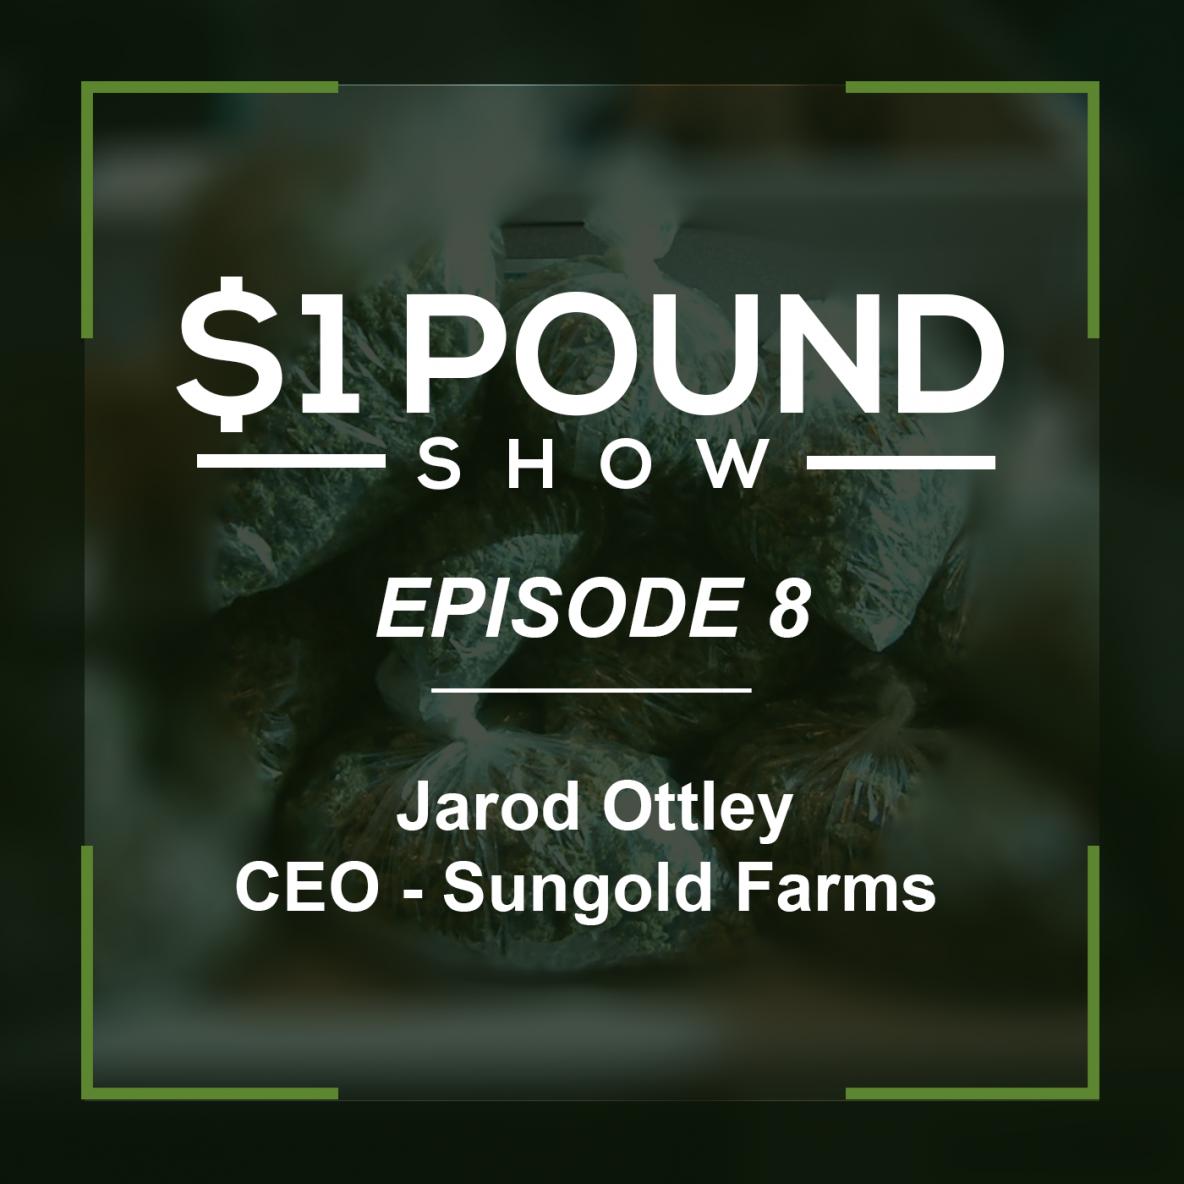 1 Pound Show episode 8